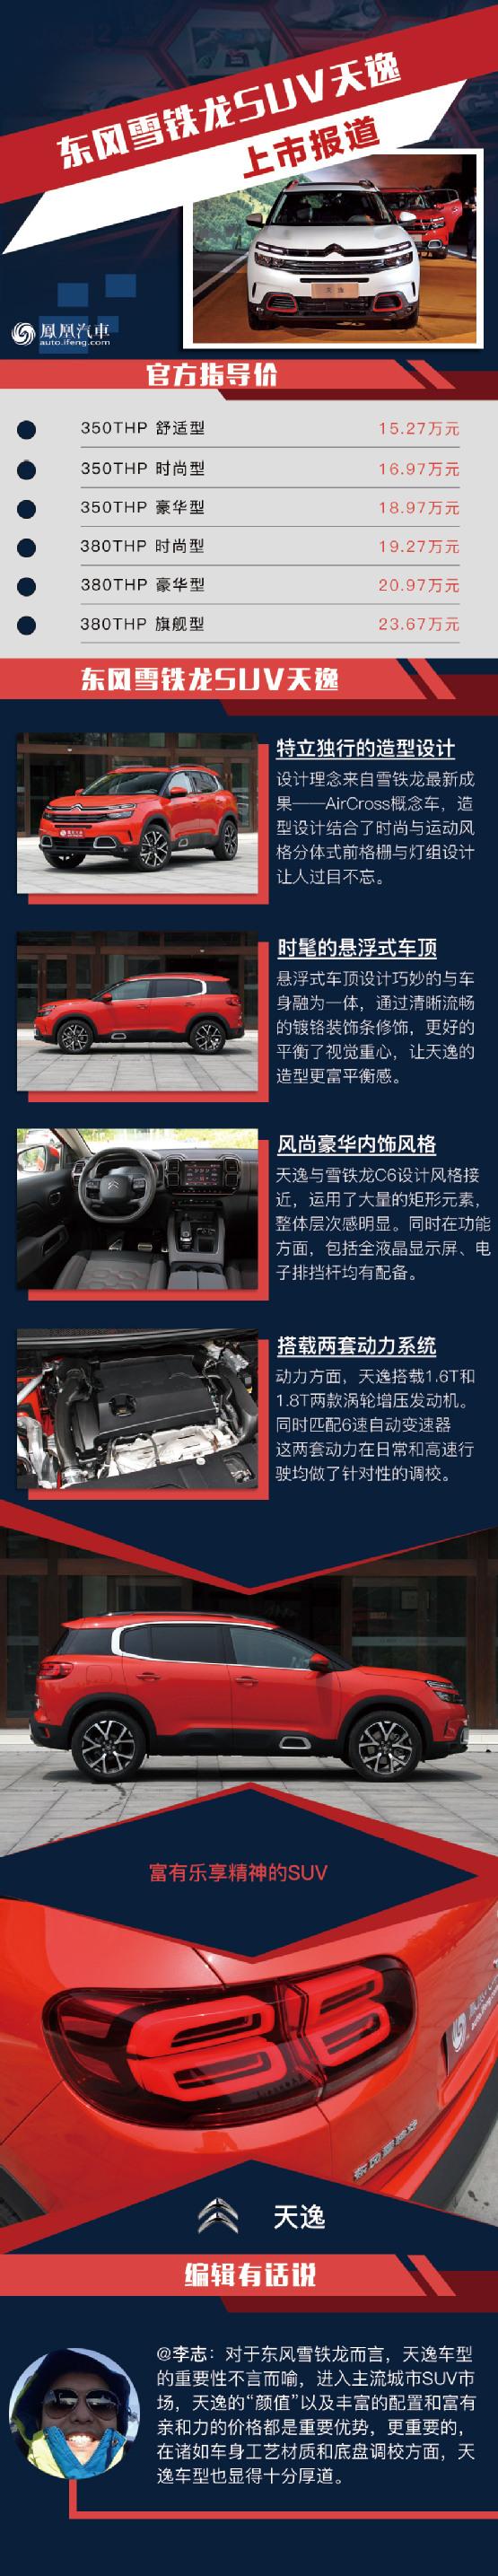 东风雪铁龙天逸上市 售15.27-23.67万元